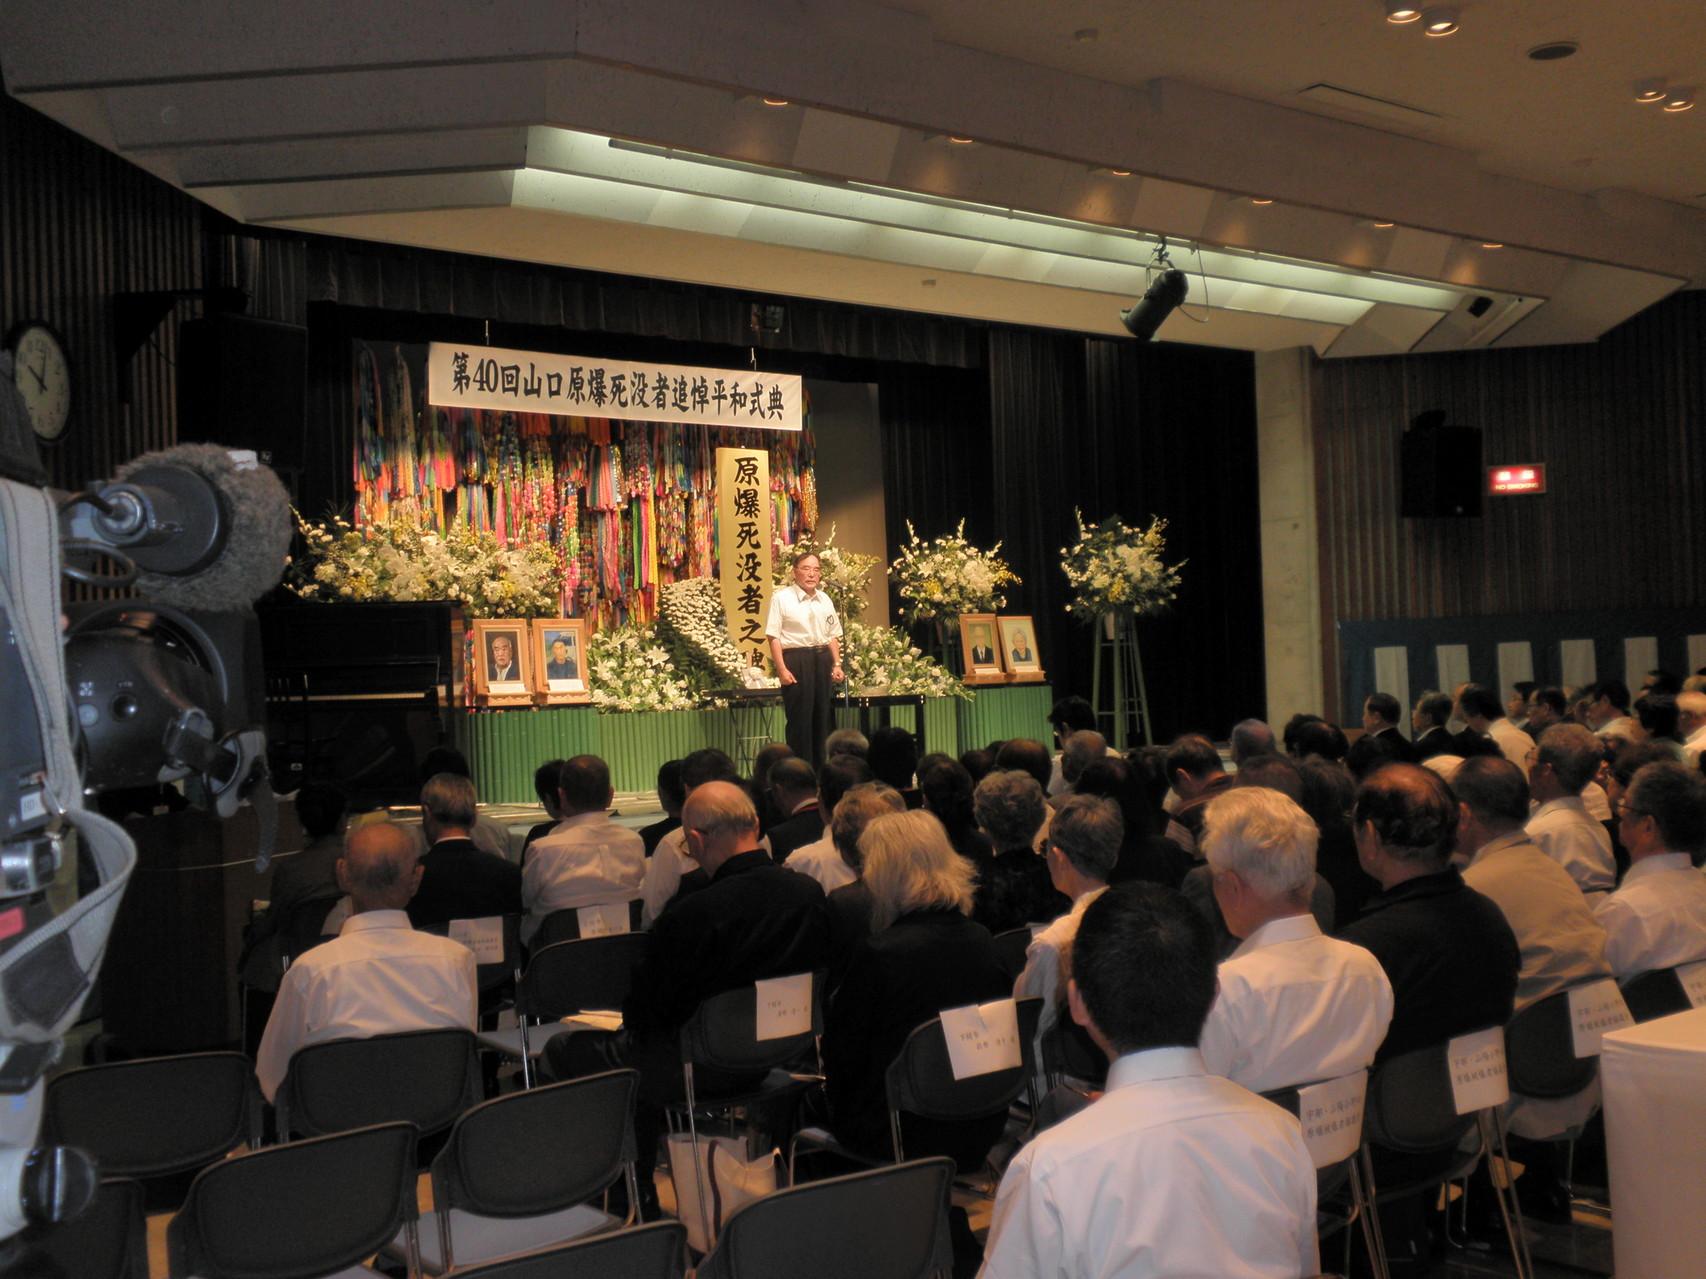 「第40回山口原爆死没者追悼・平和式典」 第1部 開会挨拶